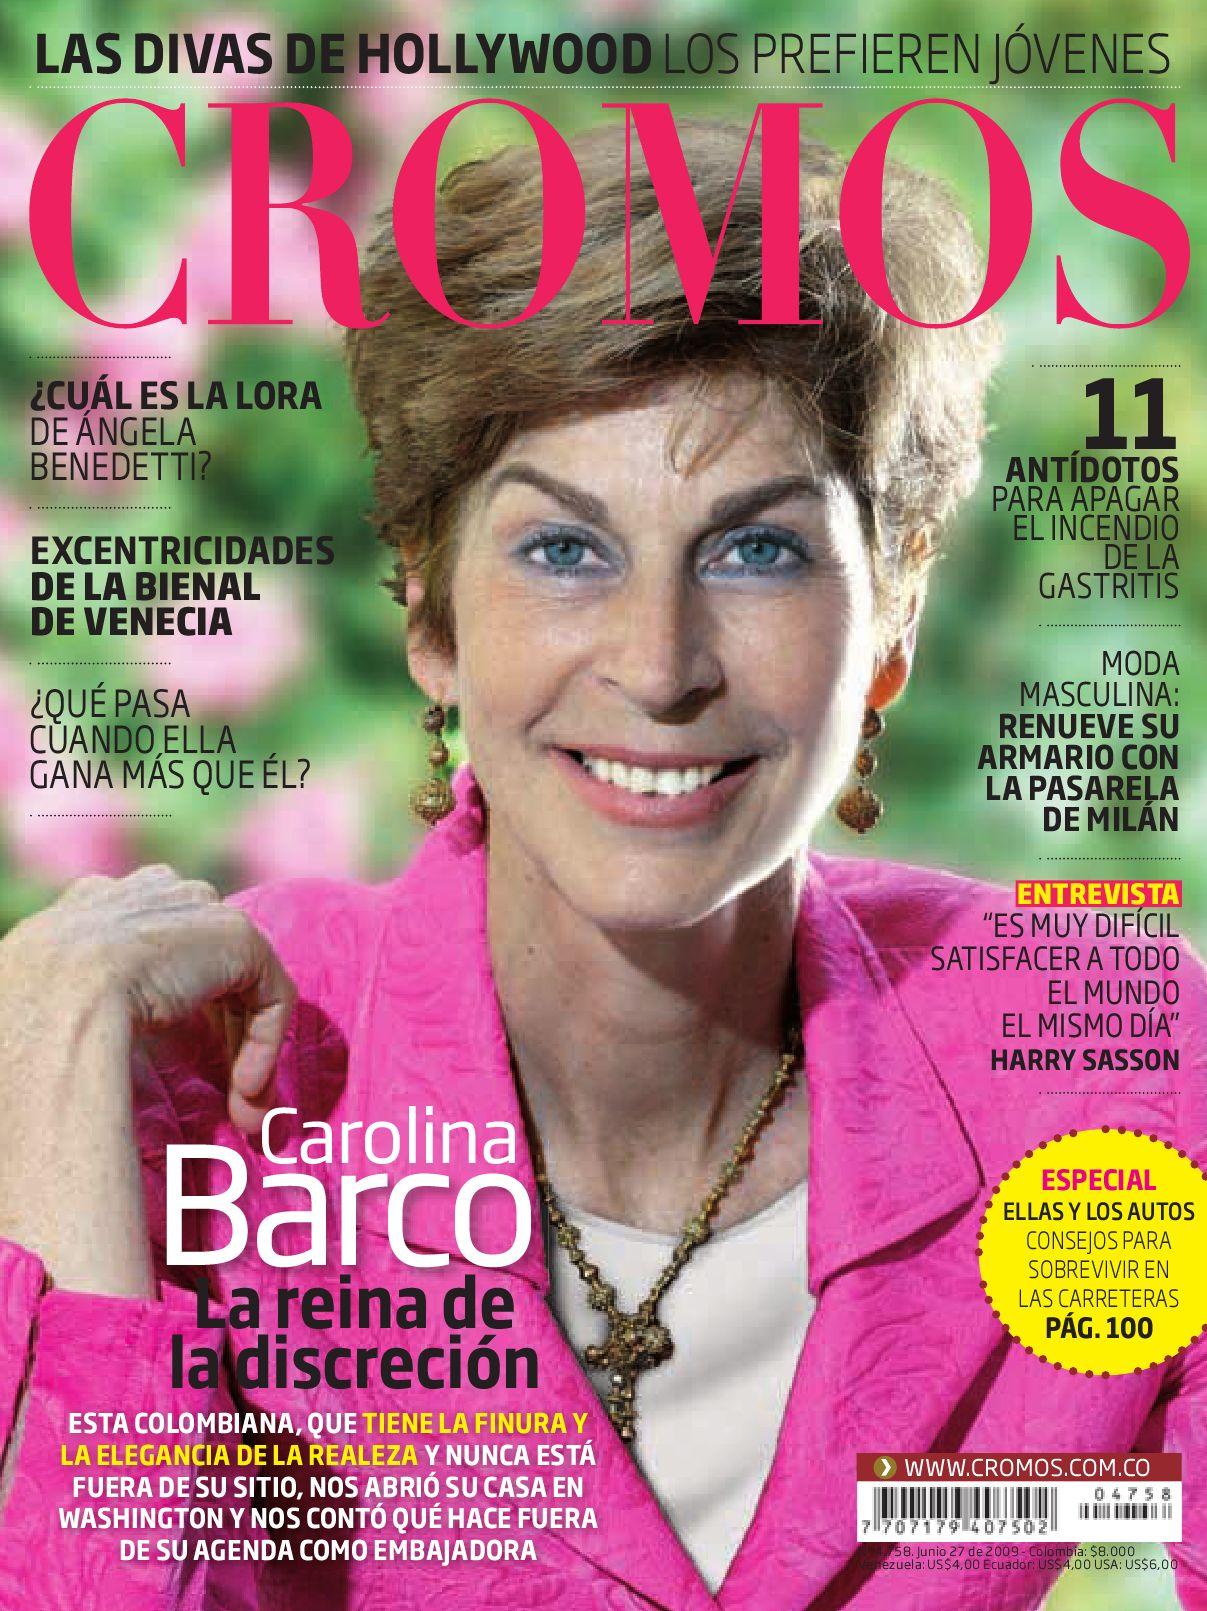 Cromos edición 4758 by Cromos.com.co - issuu